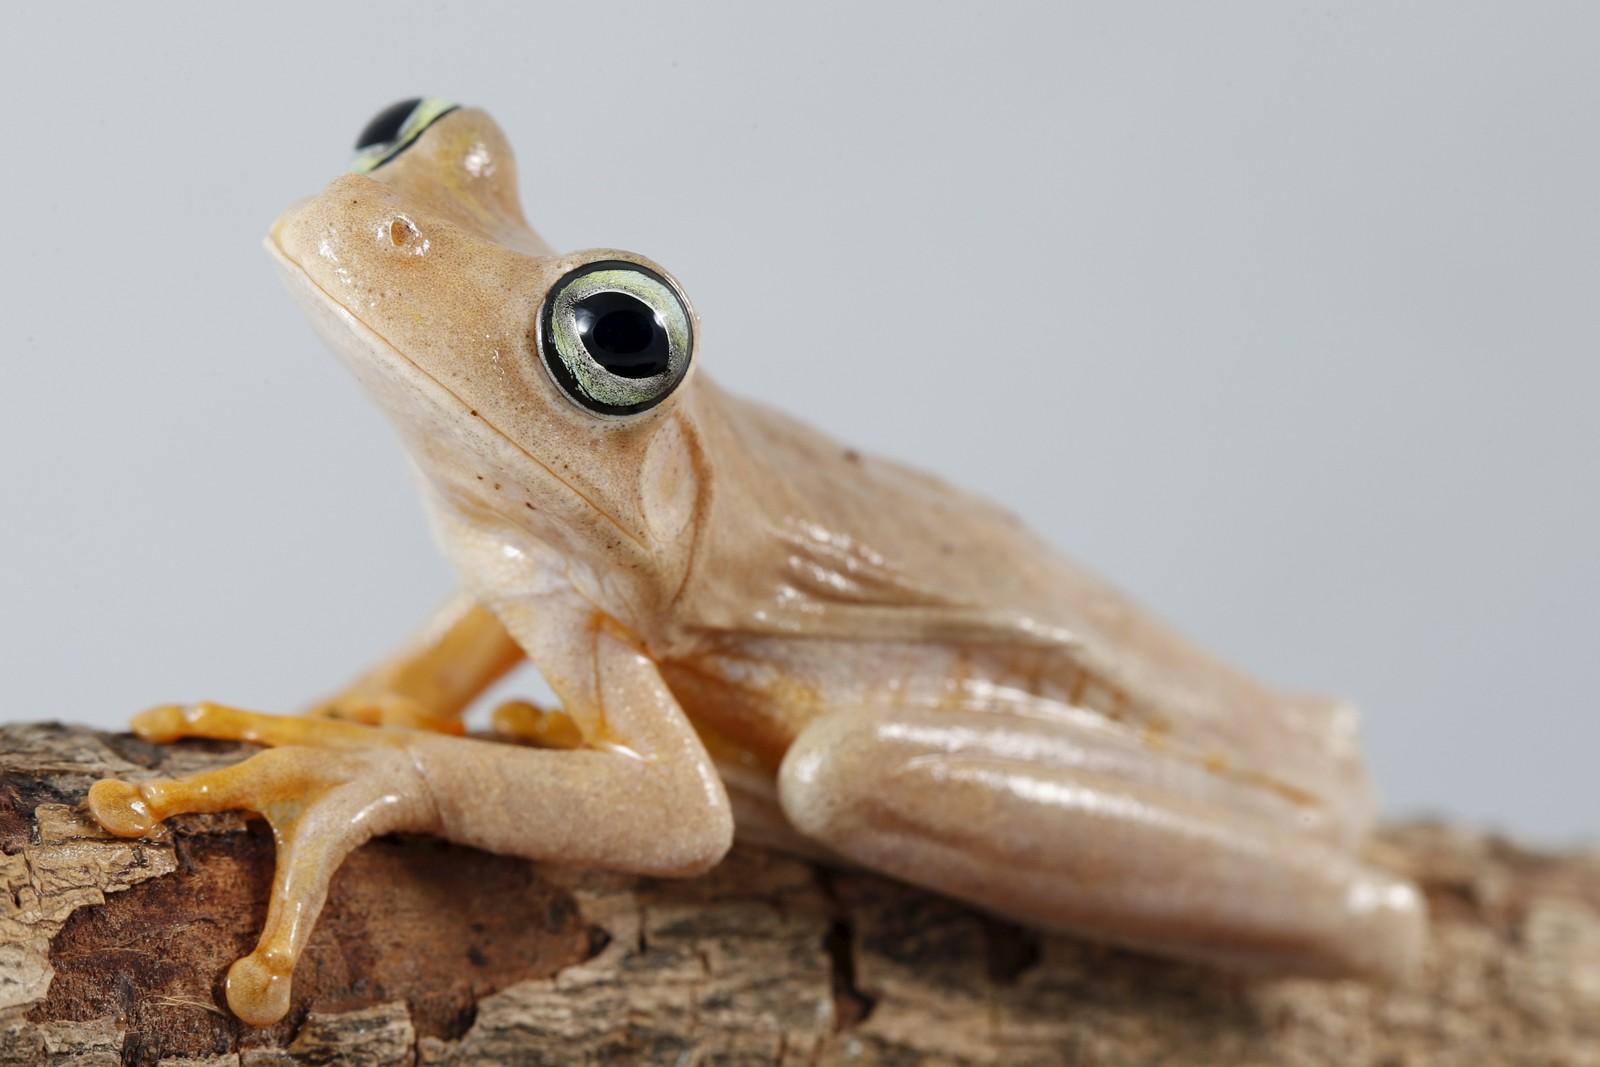 En frosk av arten Hypsiboas crepitans avbildet i Caracas, Venezuela. Frosker og padder er utrydningstruet på grunn av klimaendringene. Varmere vær kompliserer reproduksjonen og sprer dødelig sopp, ifølge forskerne.